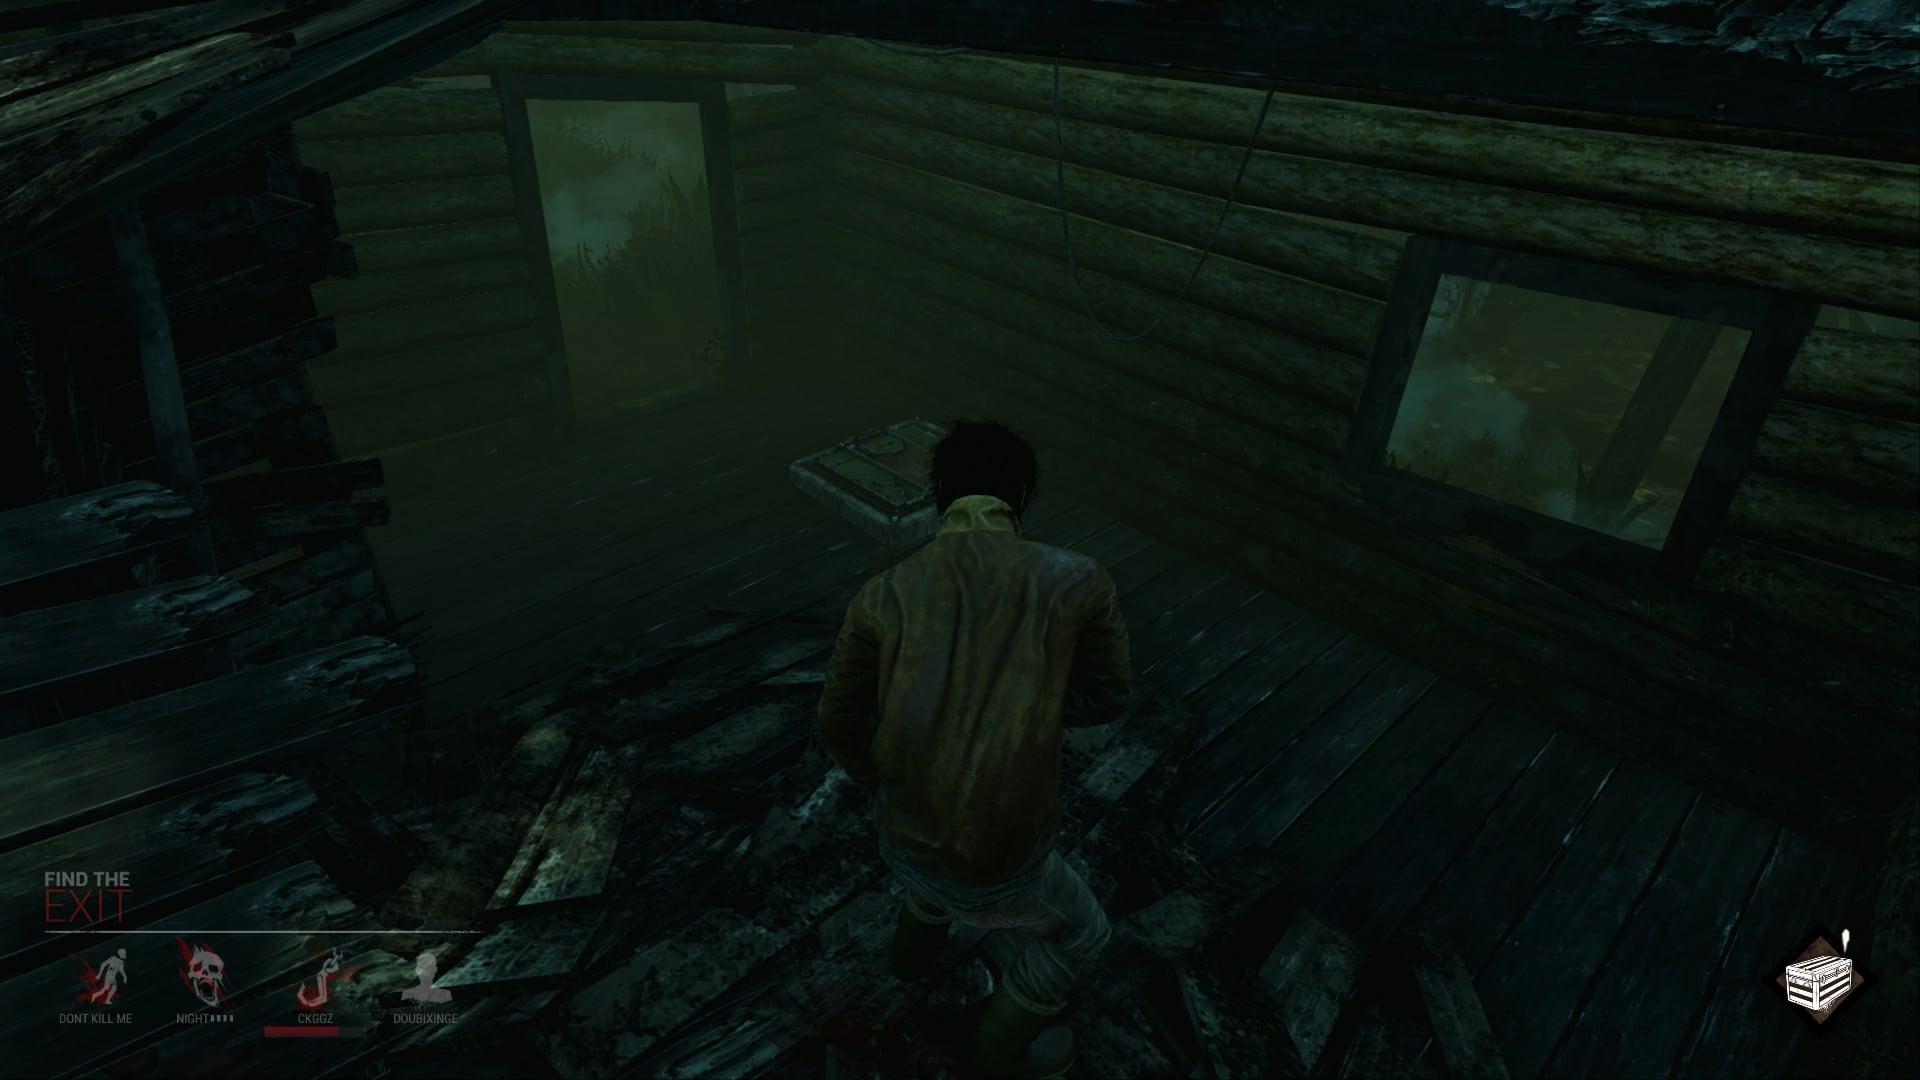 黎明死線 Dead by Daylight 地窖位置圖文分析 地窖位置在哪